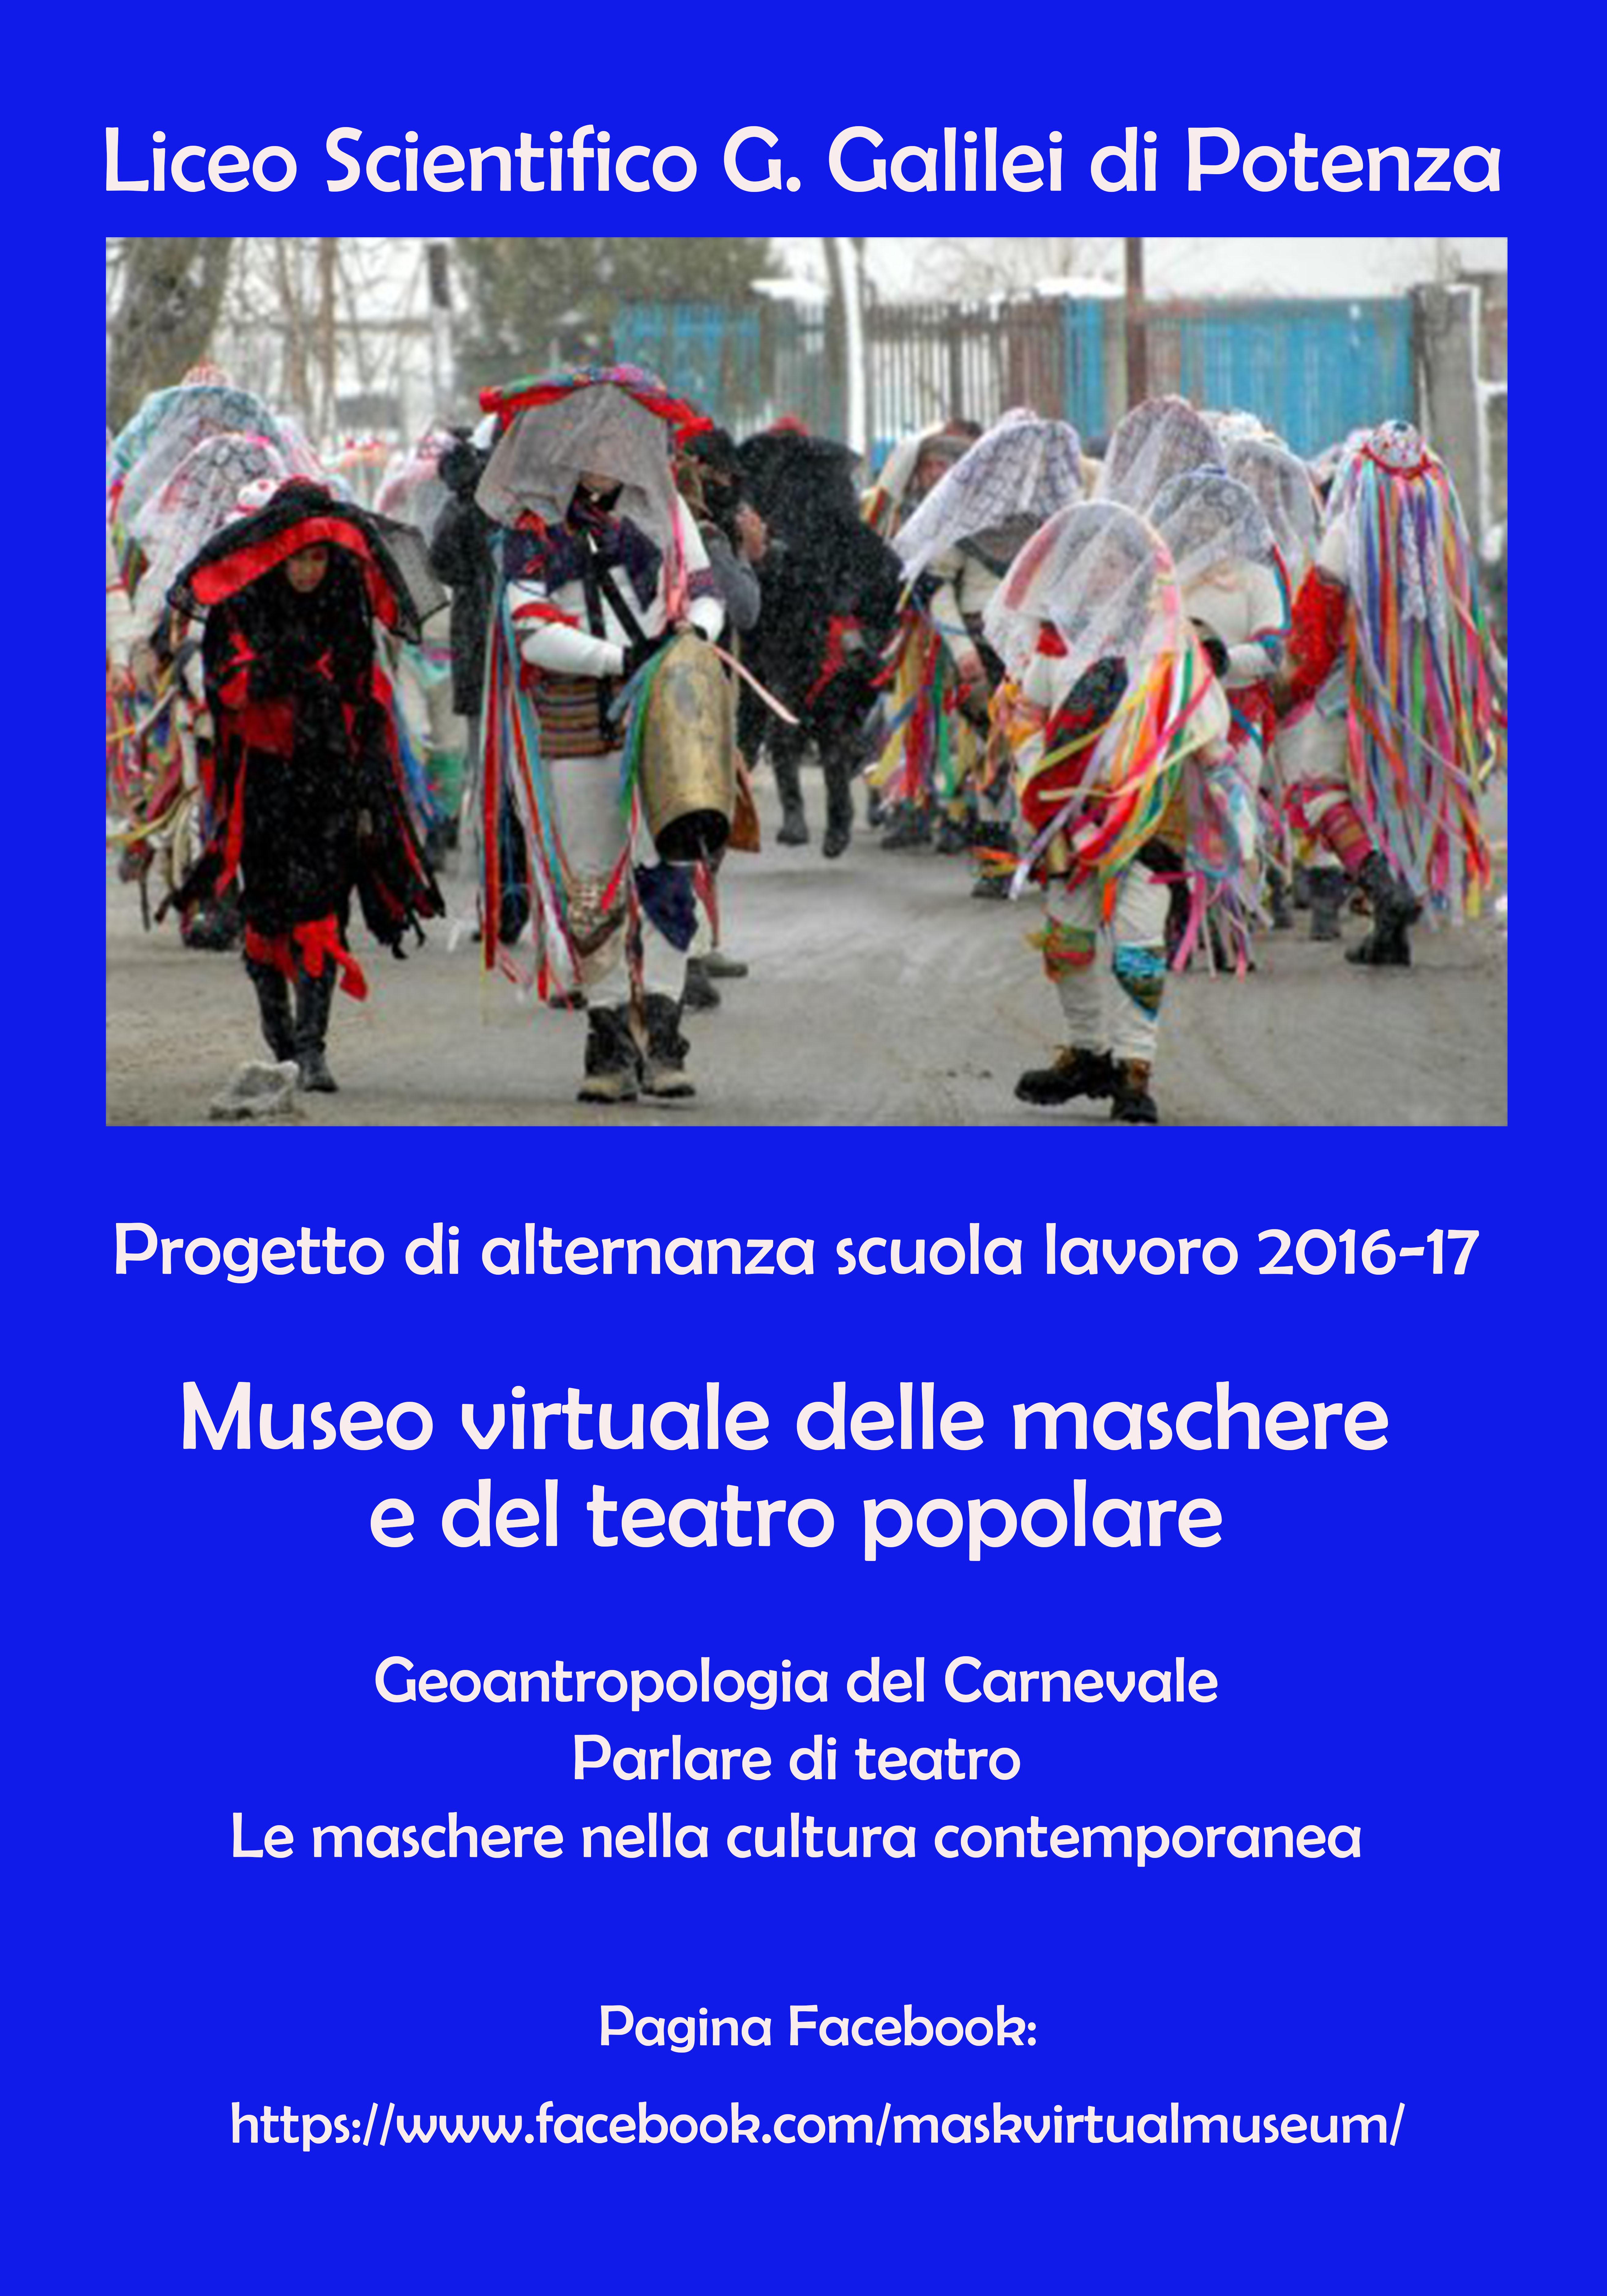 locandina-museo-virtuale-nuovo